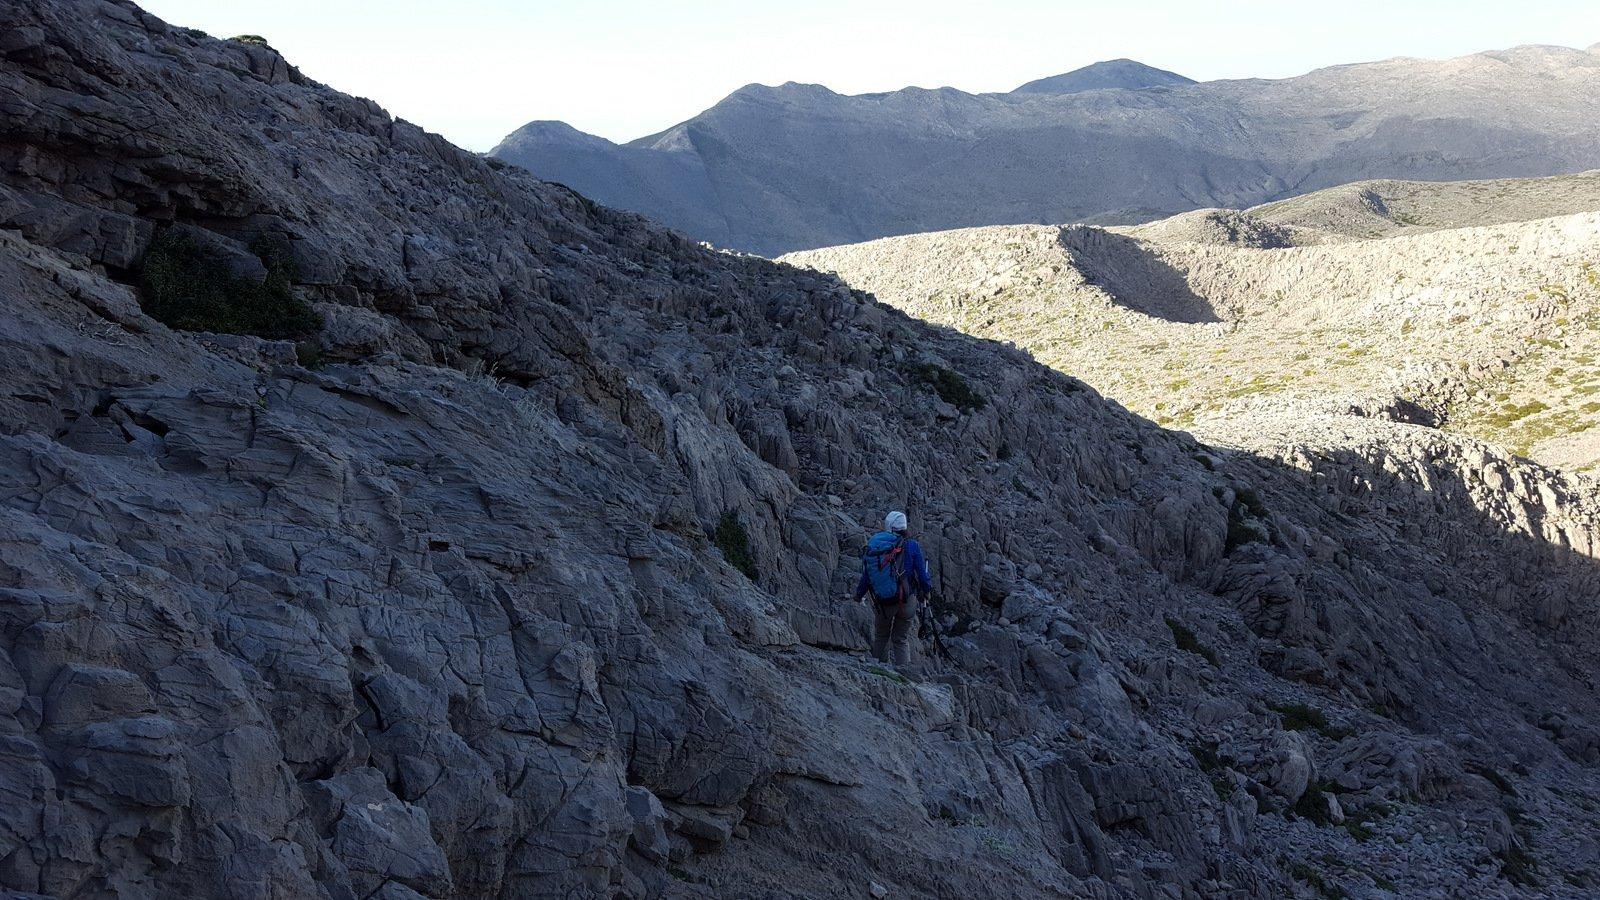 Il traverso che riporta ai bordi del pendio di discesa nella valletta per il Mitato Kakoperato.